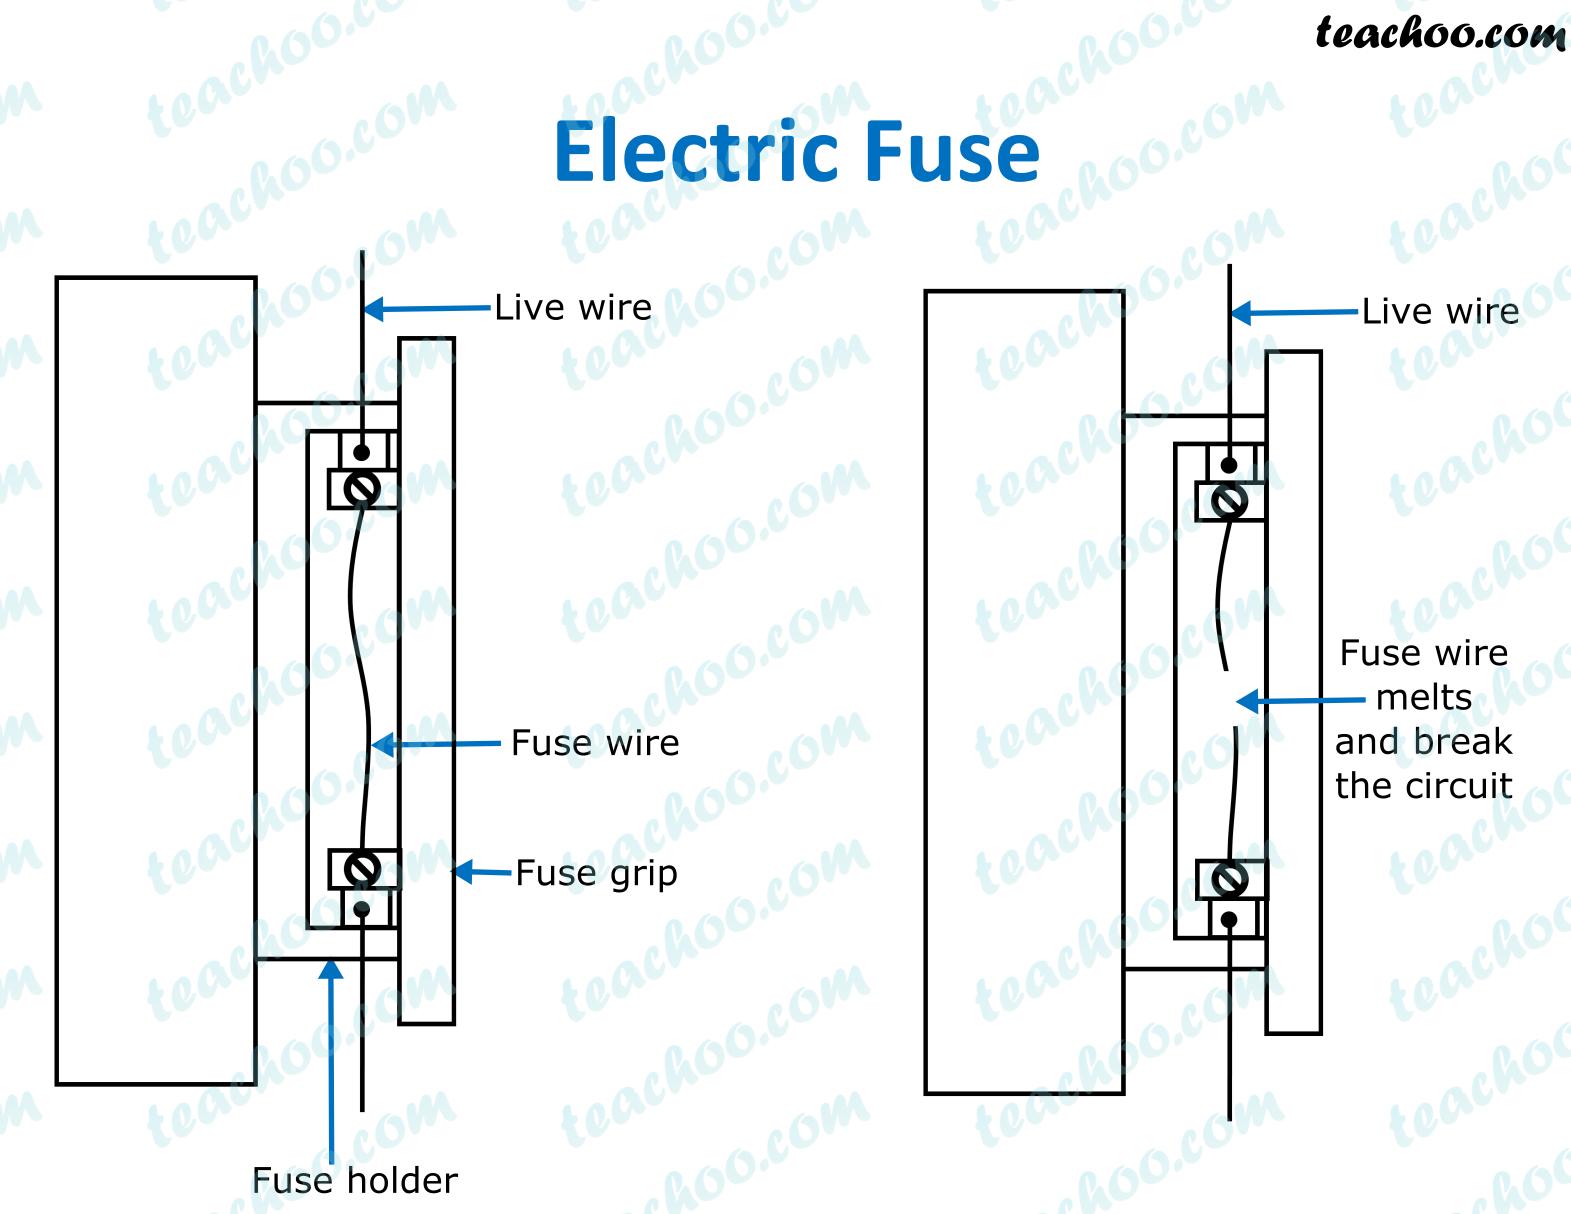 YNW 40] Electrical Fuse Diagram   ground regard wiring diagram ...